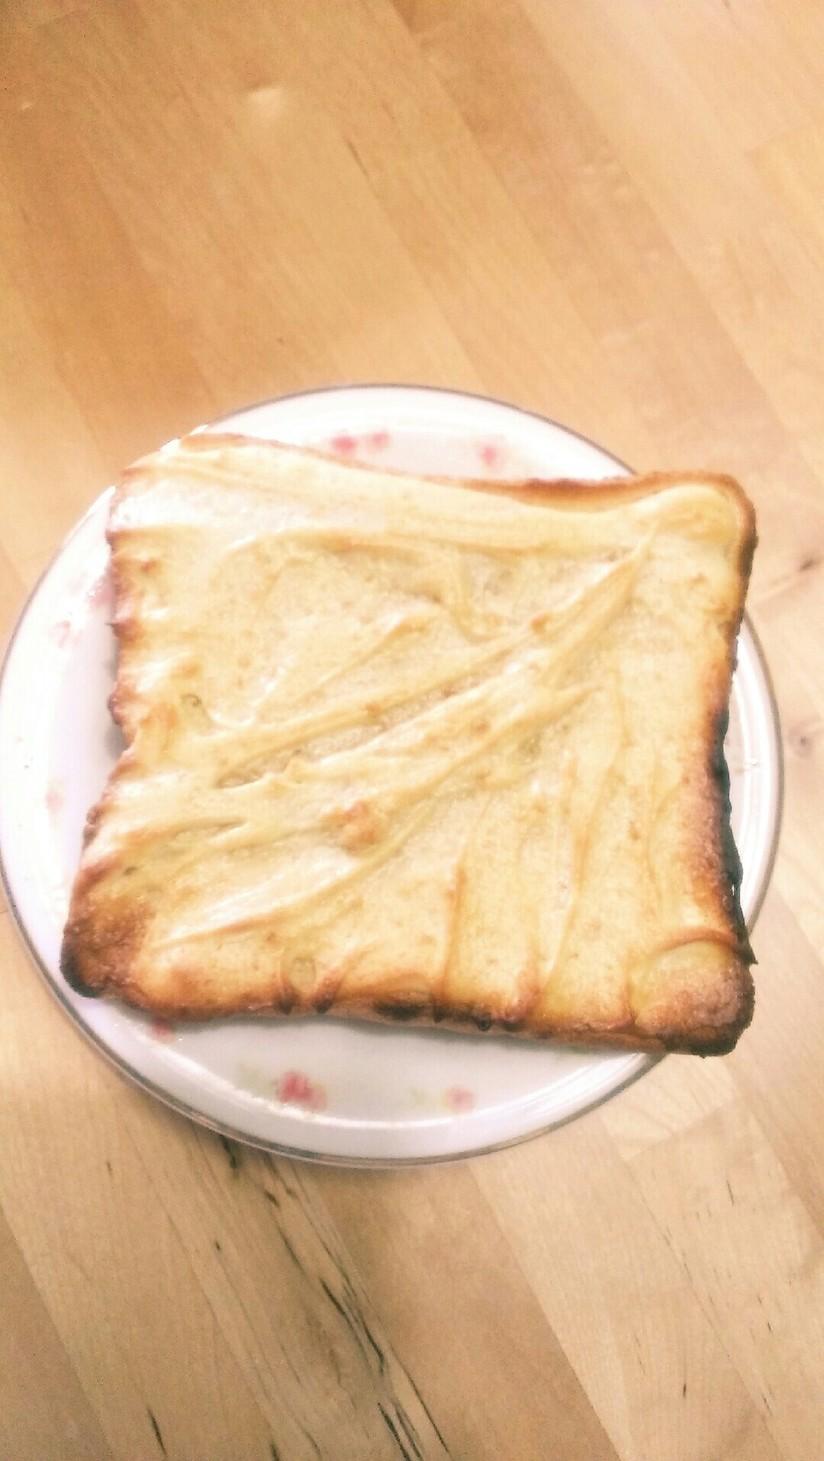 バターなしで。メロンパントースト